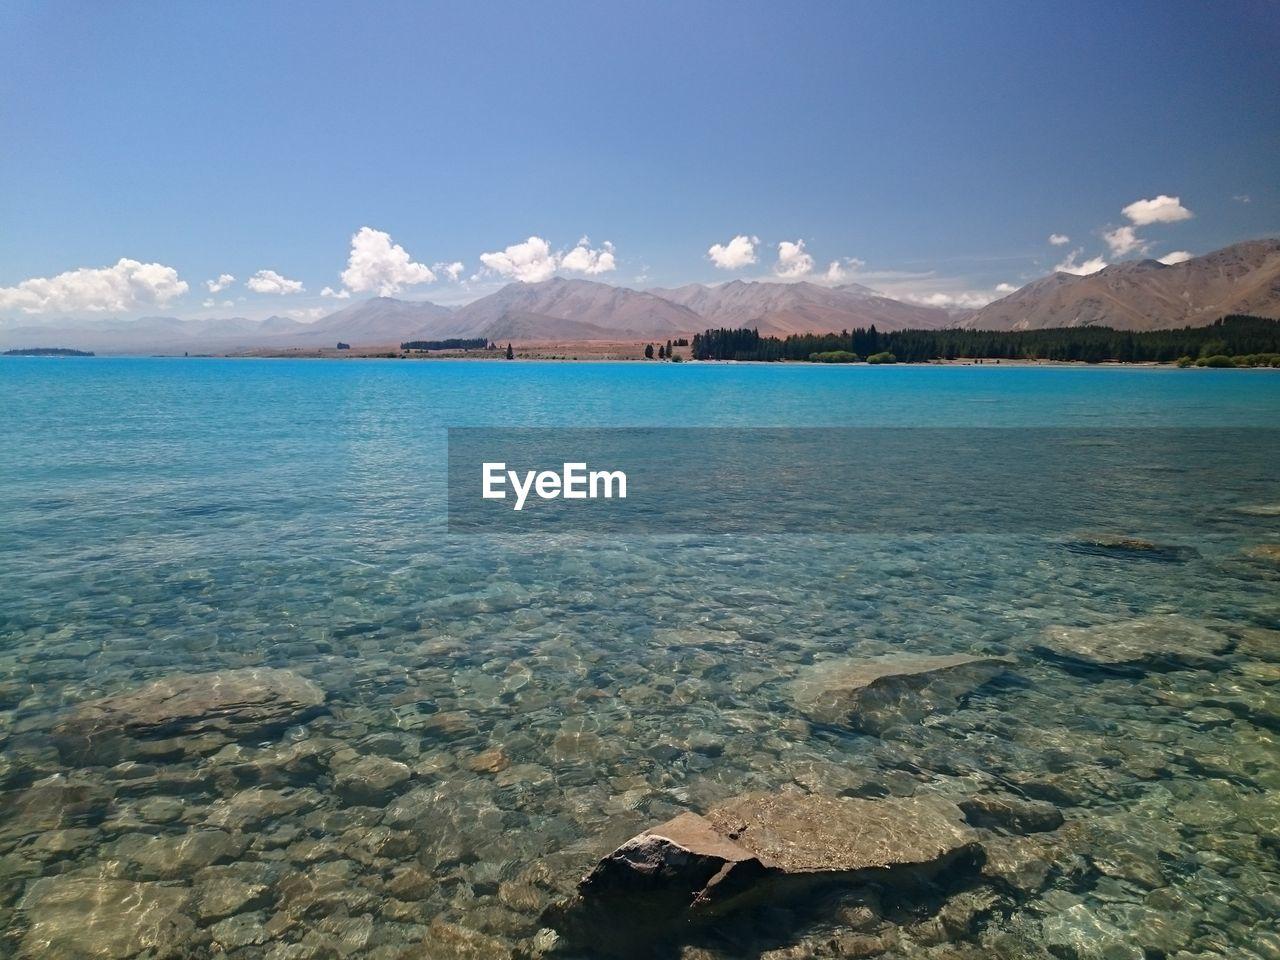 Idyllic shot of lake tekapo and mountains against sky